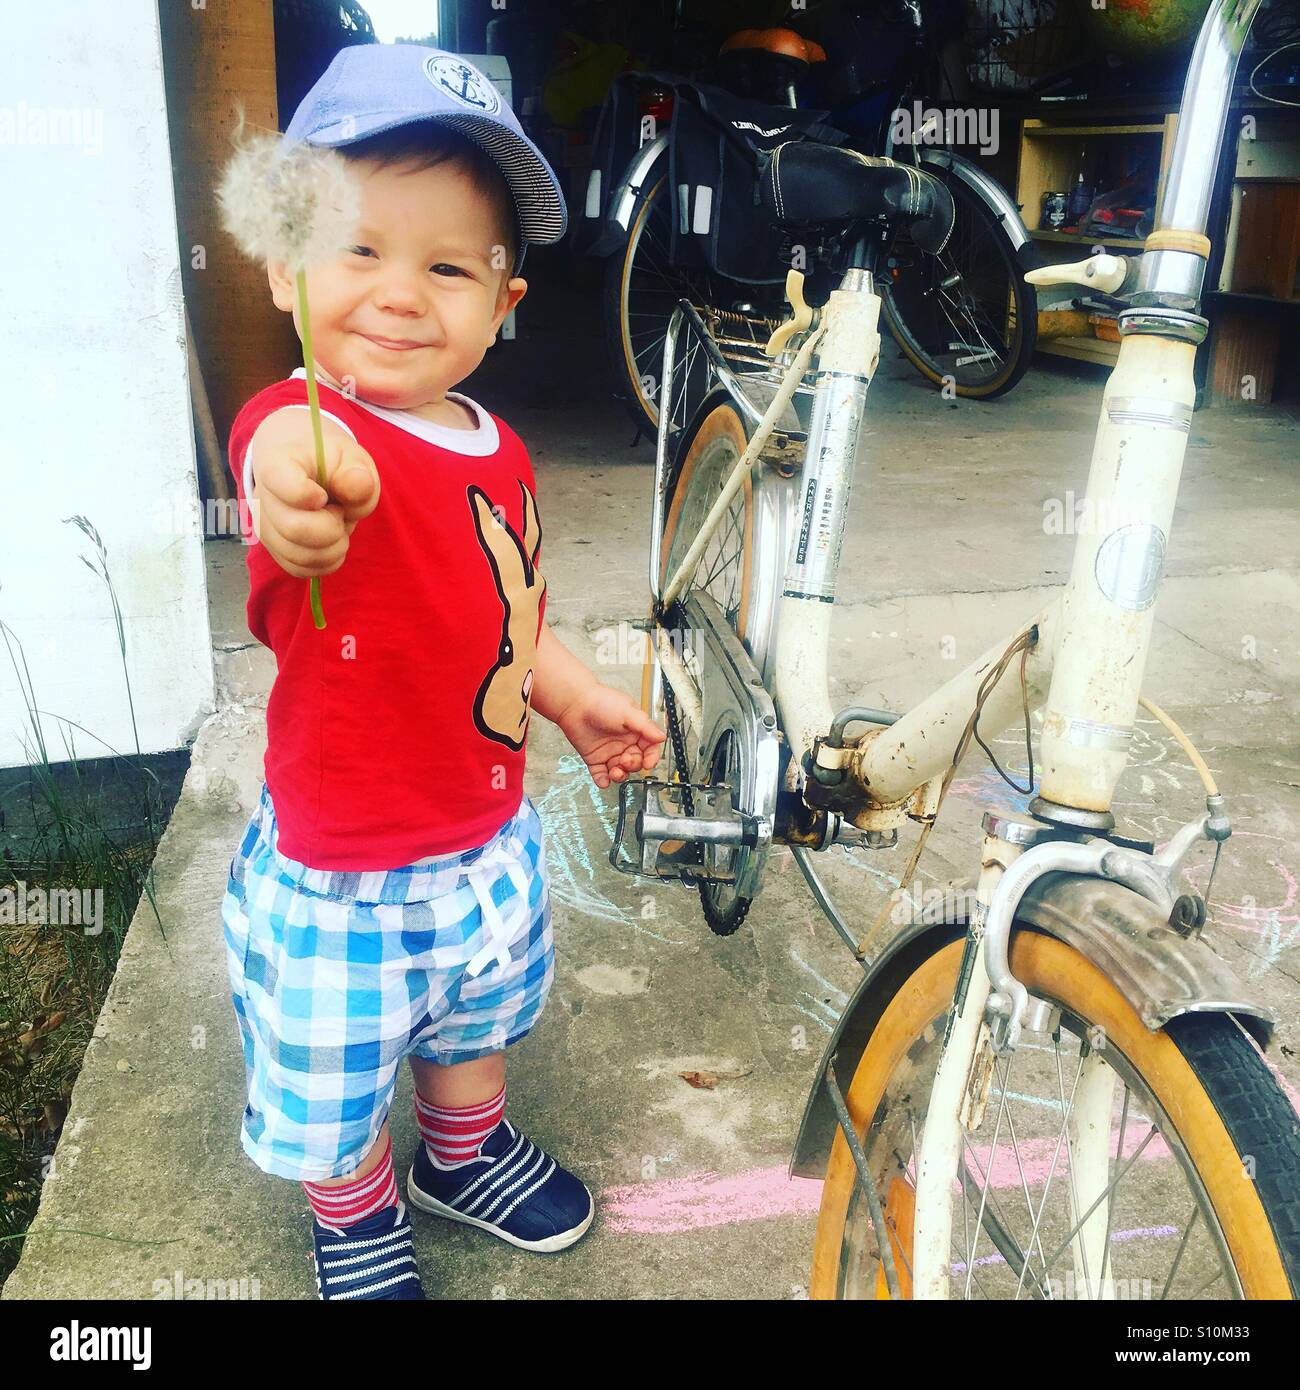 Tout-petit avec une fleur dans sa main , debout à côté d'un vieux vélo, en face du garage Photo Stock